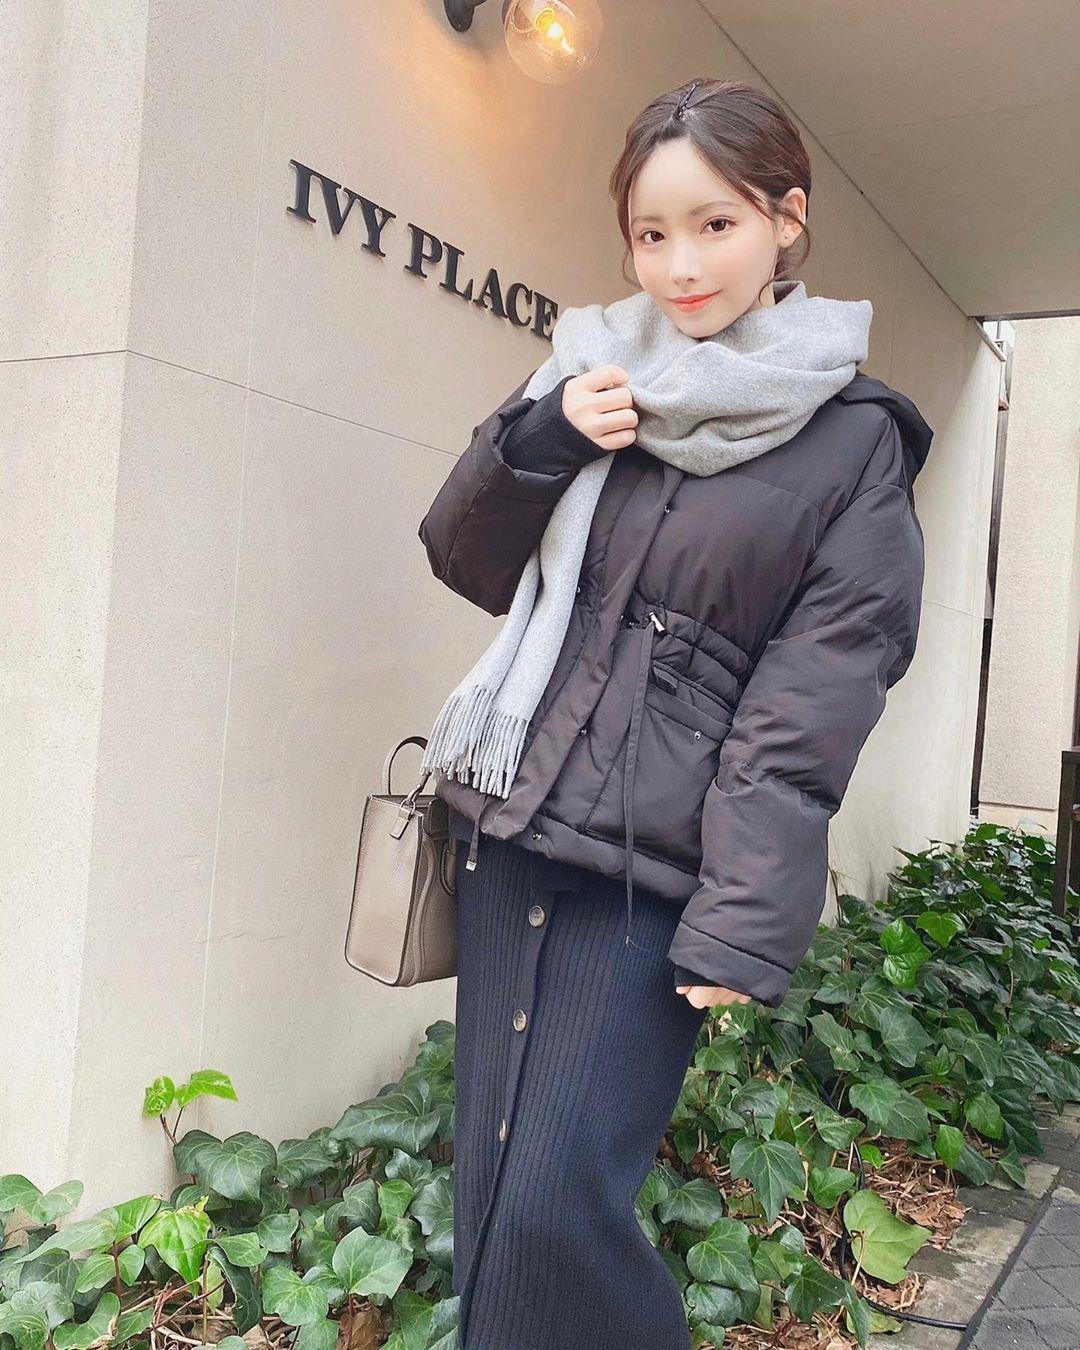 疯狂!深田咏美分享火辣照片,竟然被男粉丝跟踪 第9张